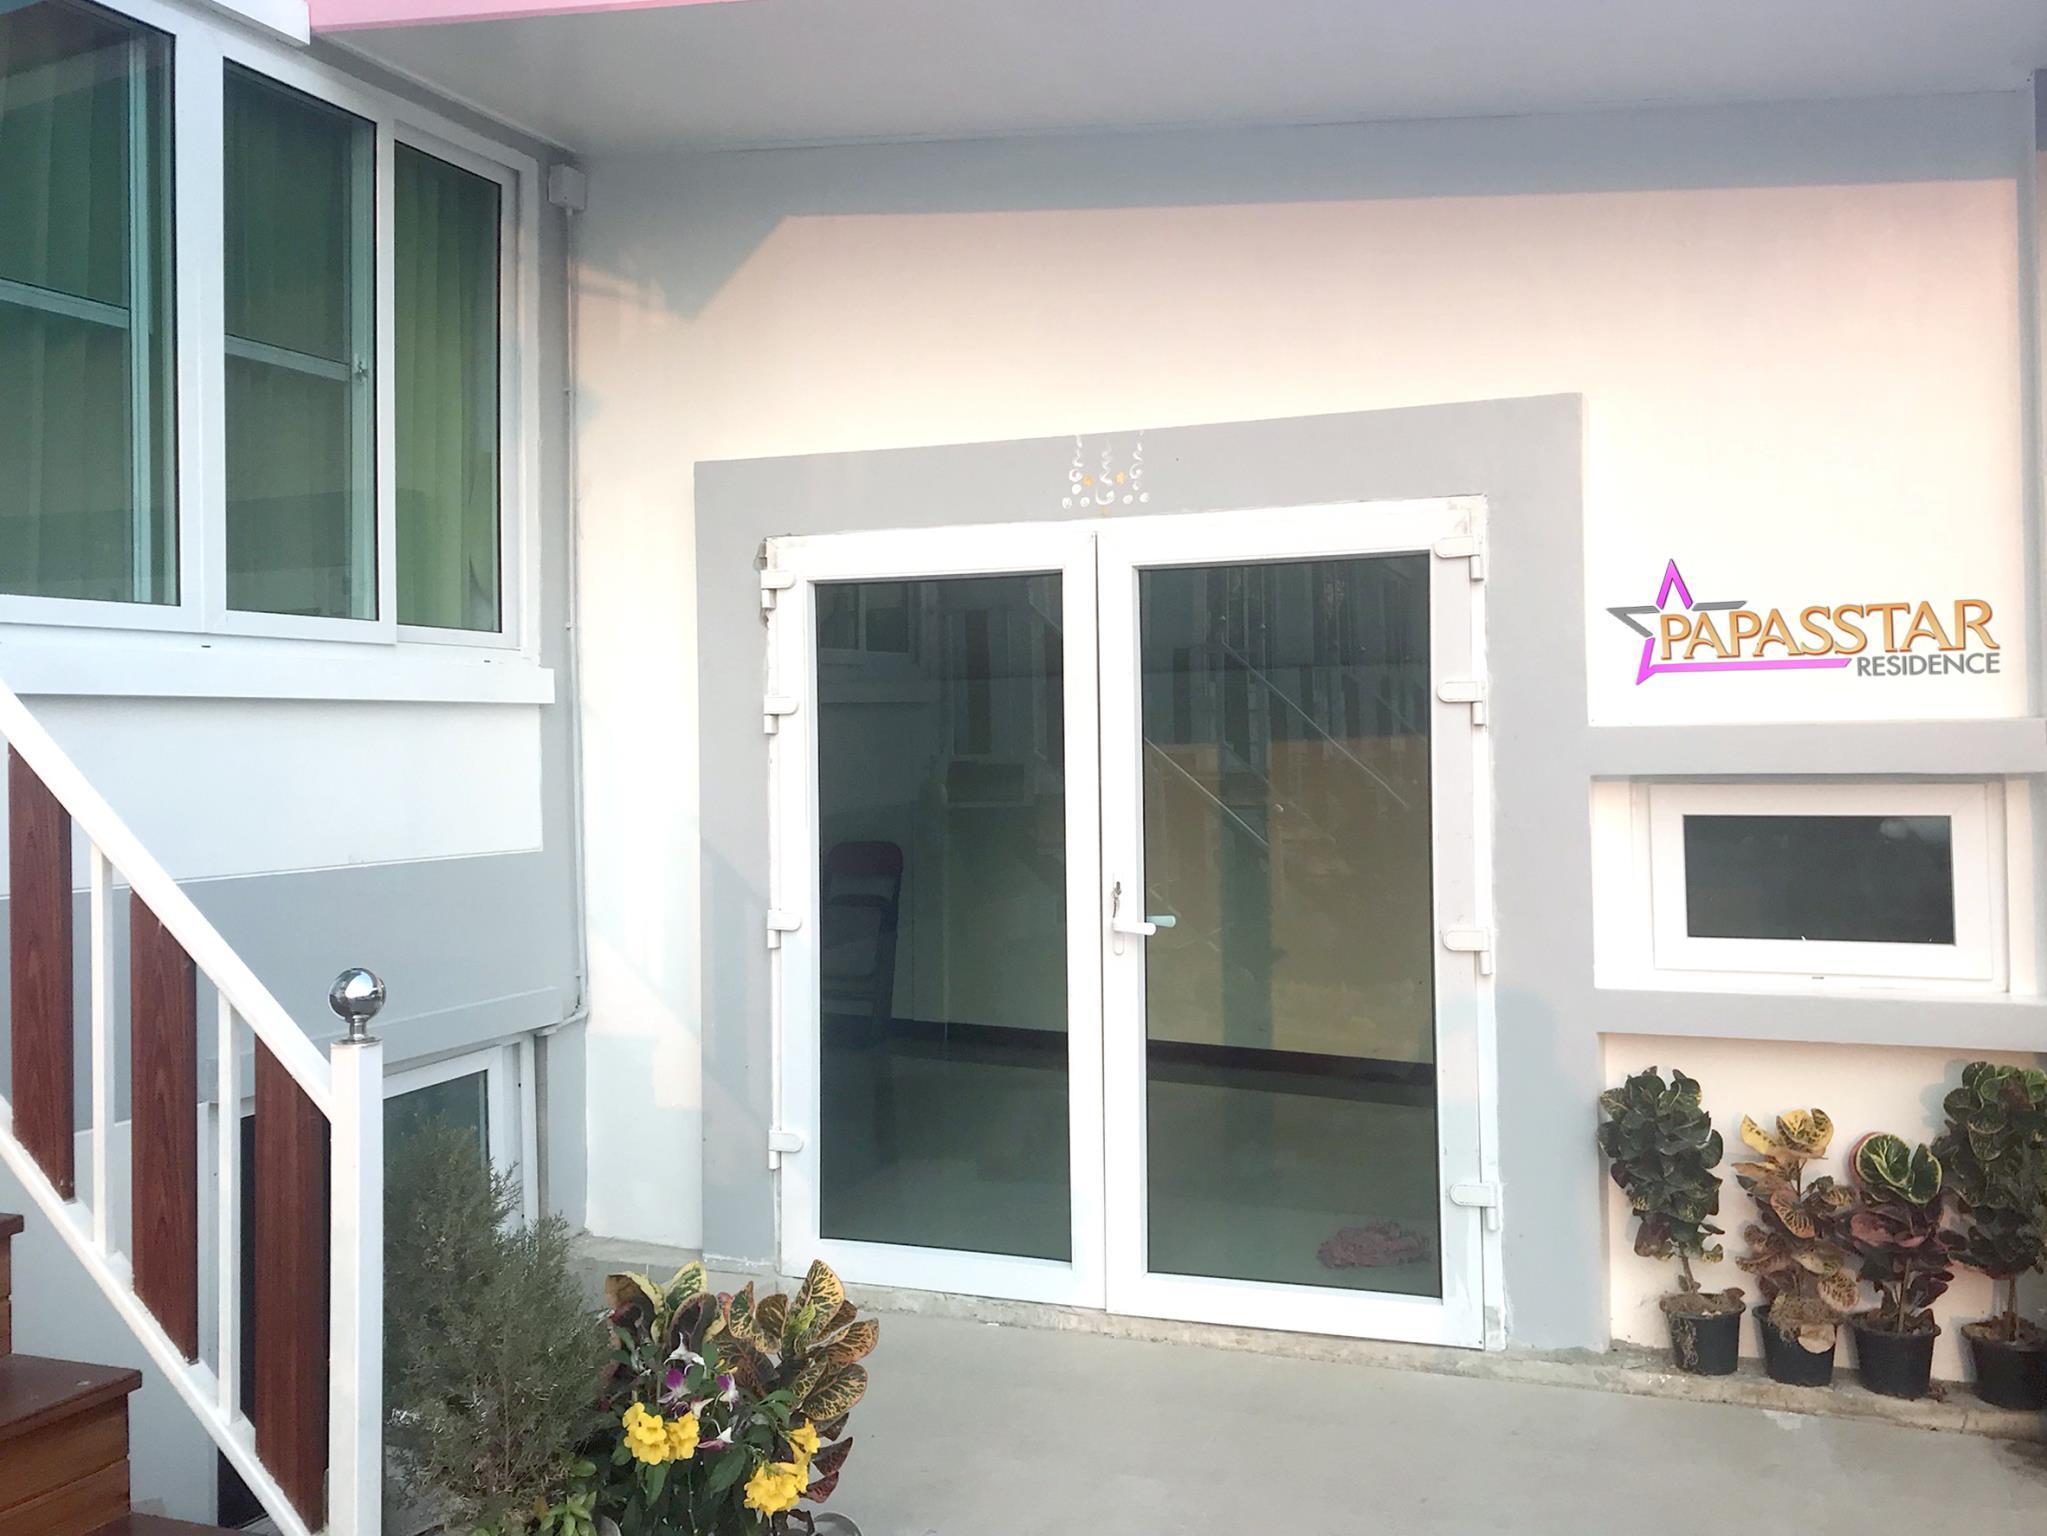 อพาร์ตเมนต์ 1 ห้องนอน 1 ห้องน้ำส่วนตัว ขนาด 20 ตร.ม. – สามพราน